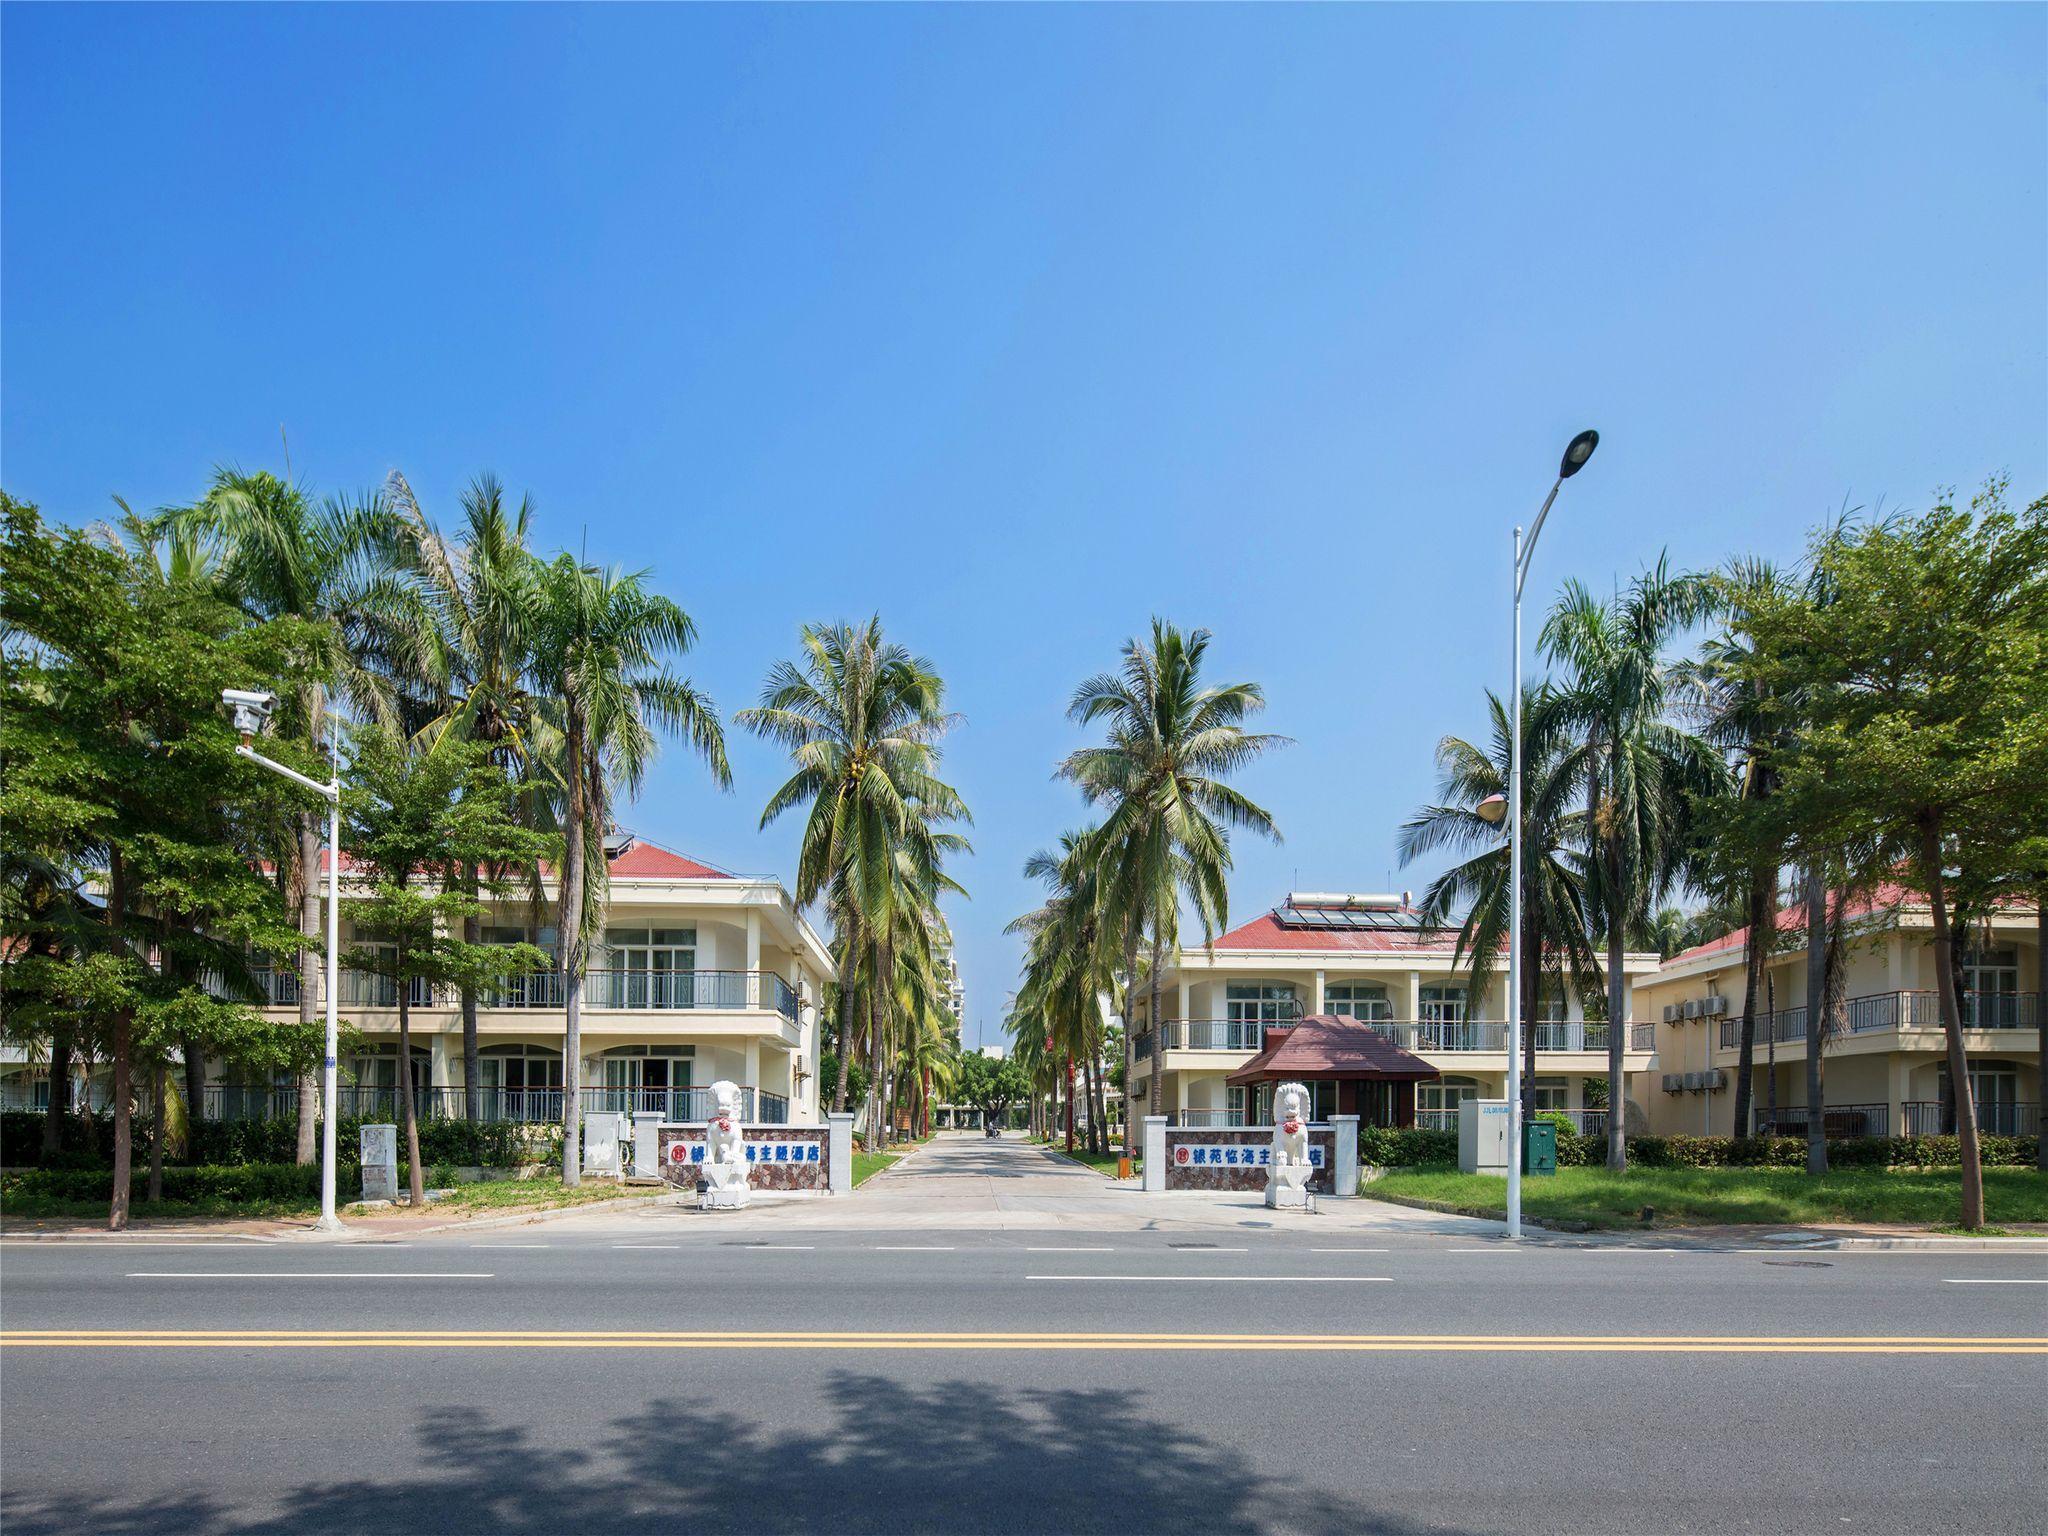 Sanya Yinyuan Holiday Village